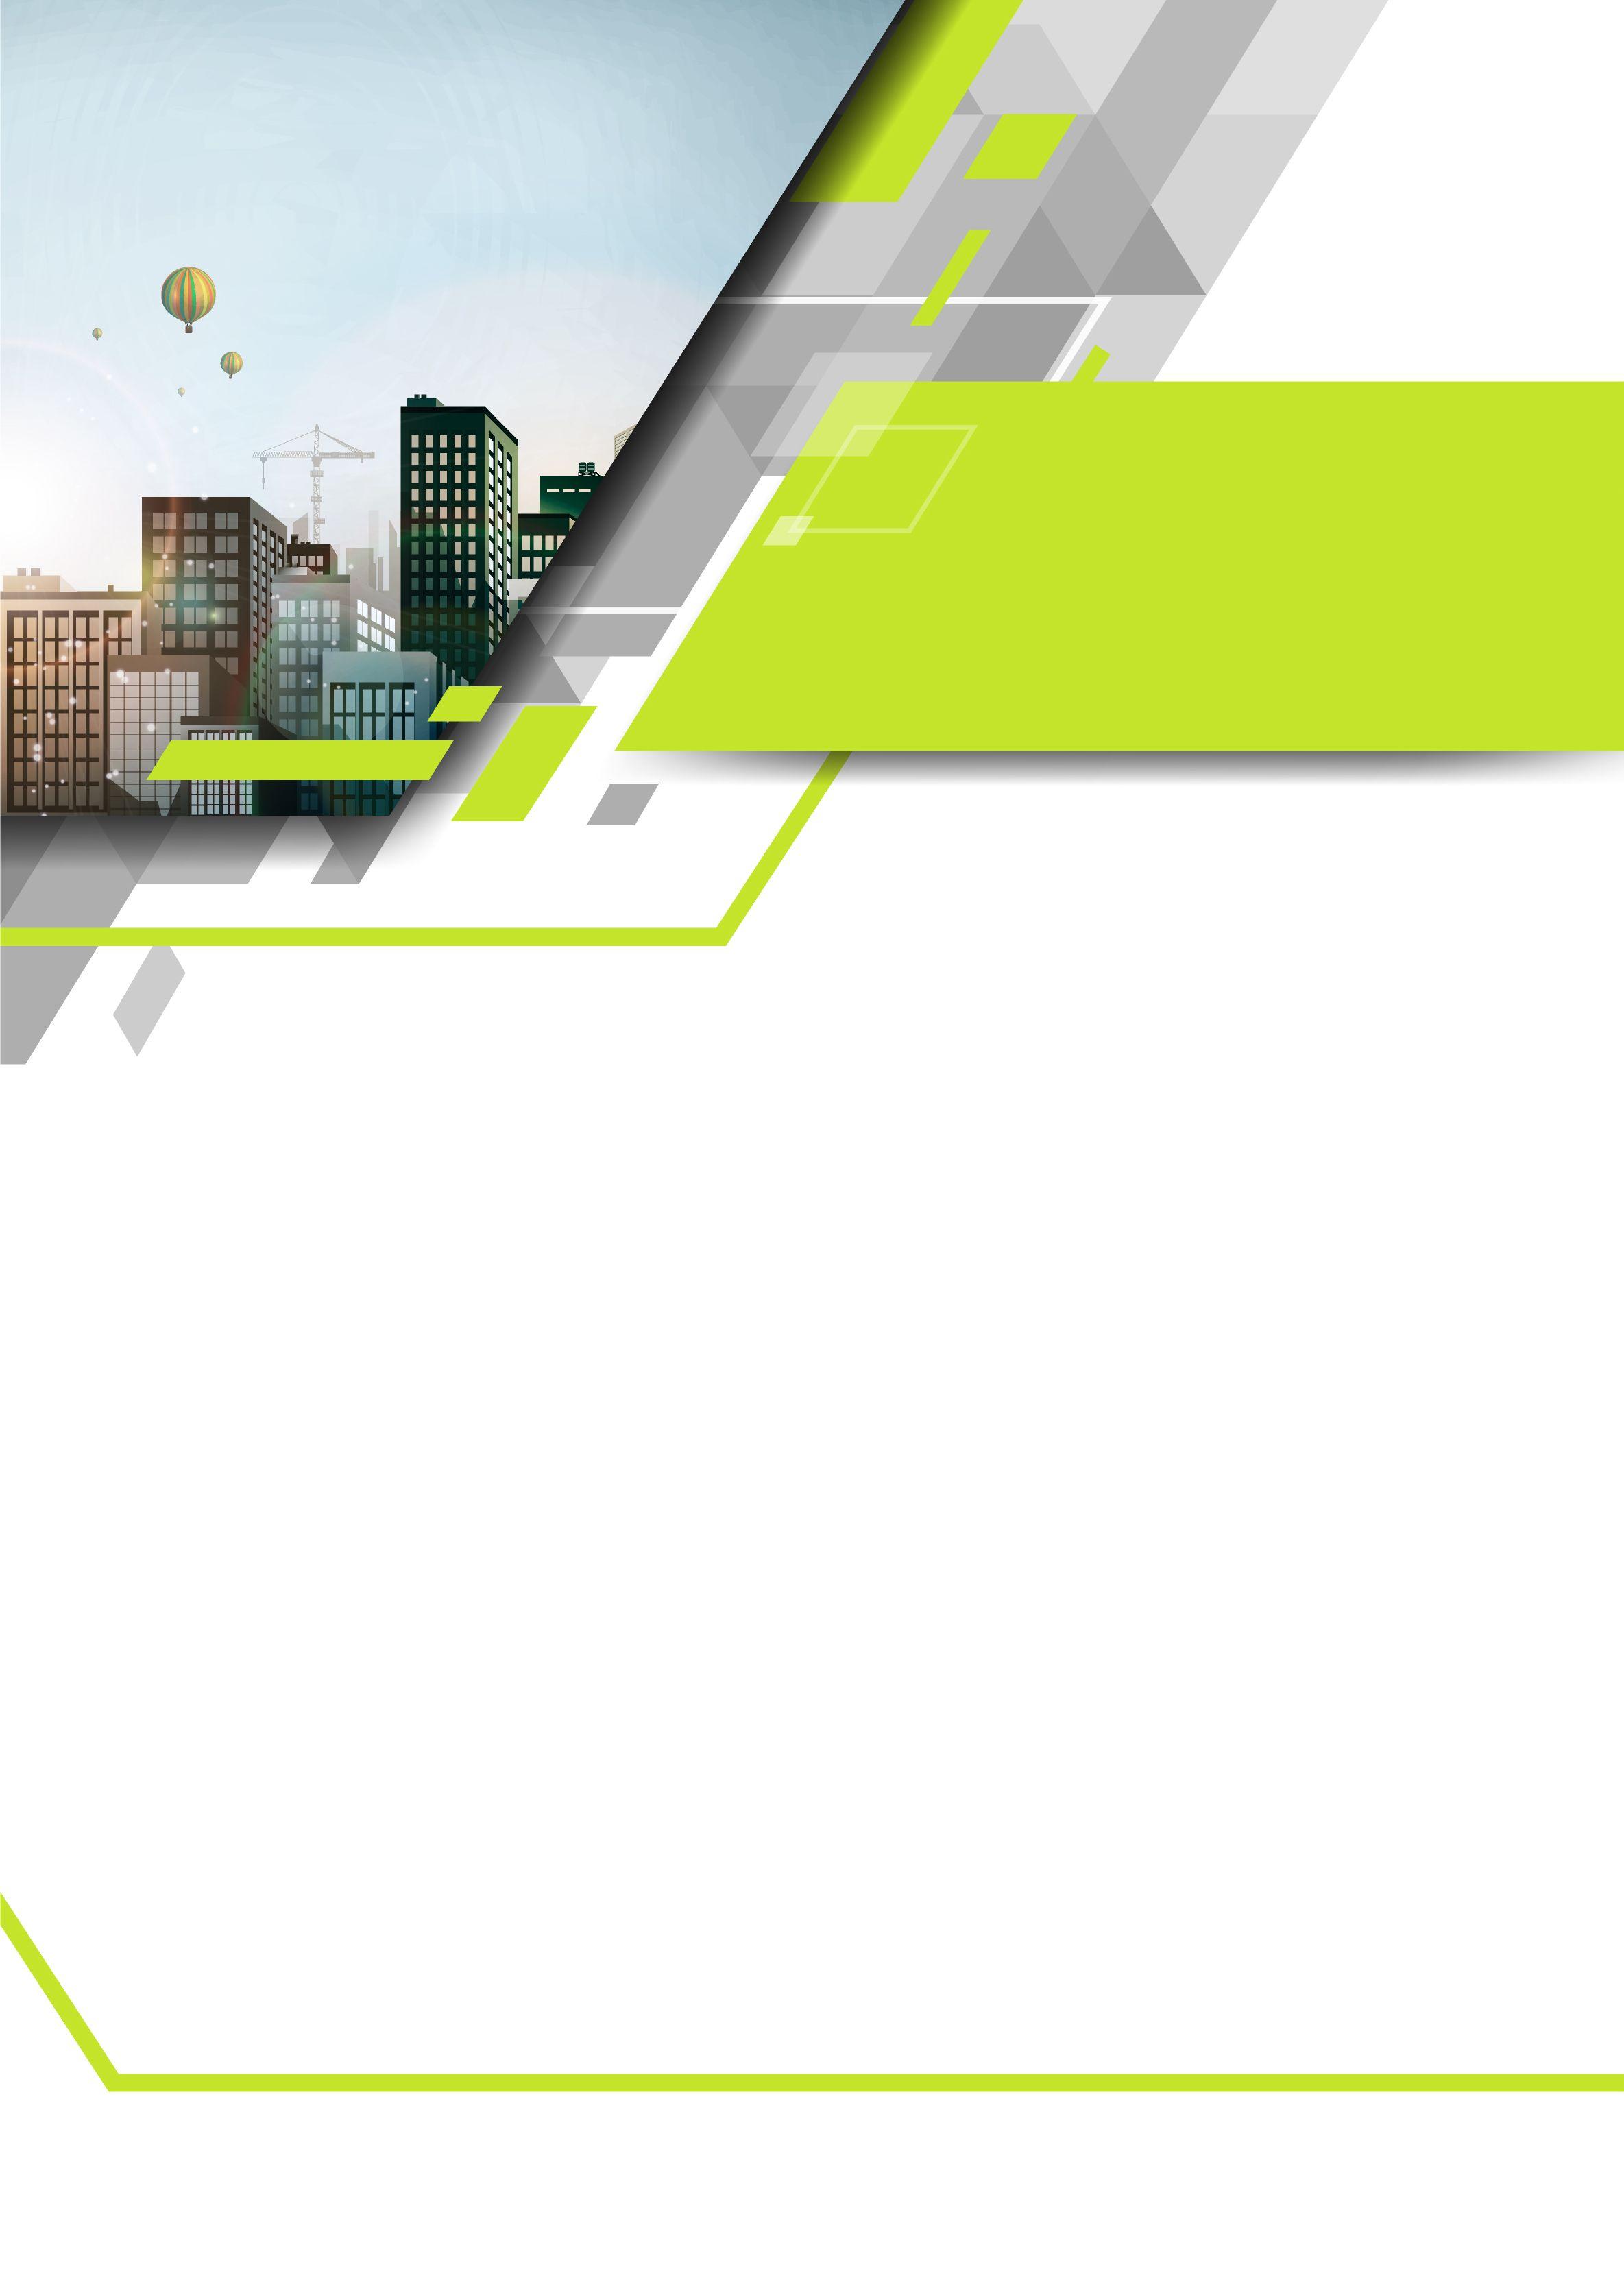 خلفية خضراء حديثة مجلة تصميم غلاف كتاب خلفية Book Cover Design Book Design Layout Poster Background Design